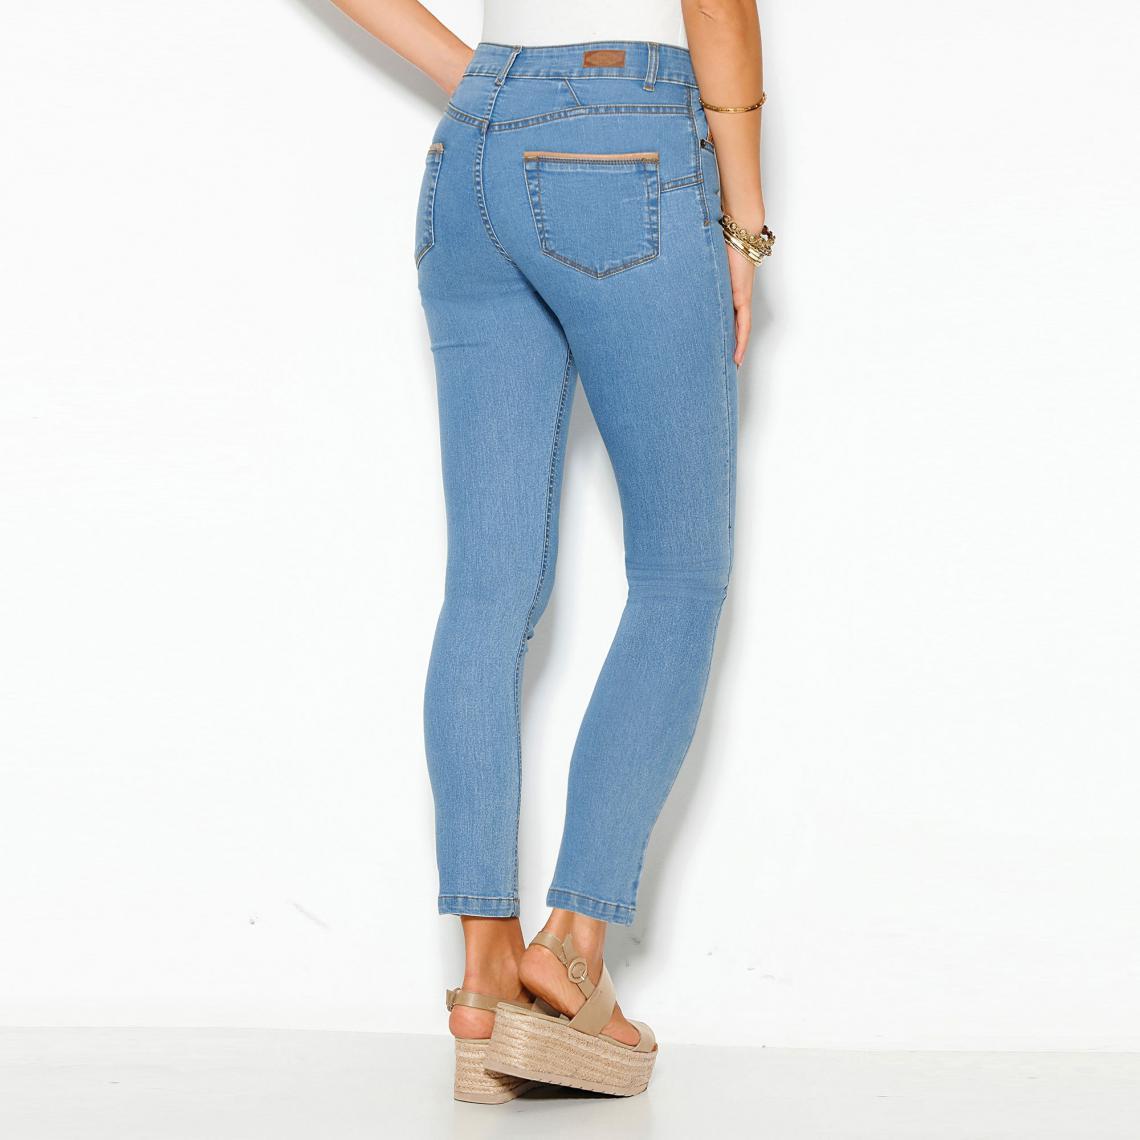 2112e9490166 Jeans skinny femme 3 SUISSES Cliquez l image pour l agrandir. Jean skinny 5  poches taille haute femme - Bleu Ciel ...